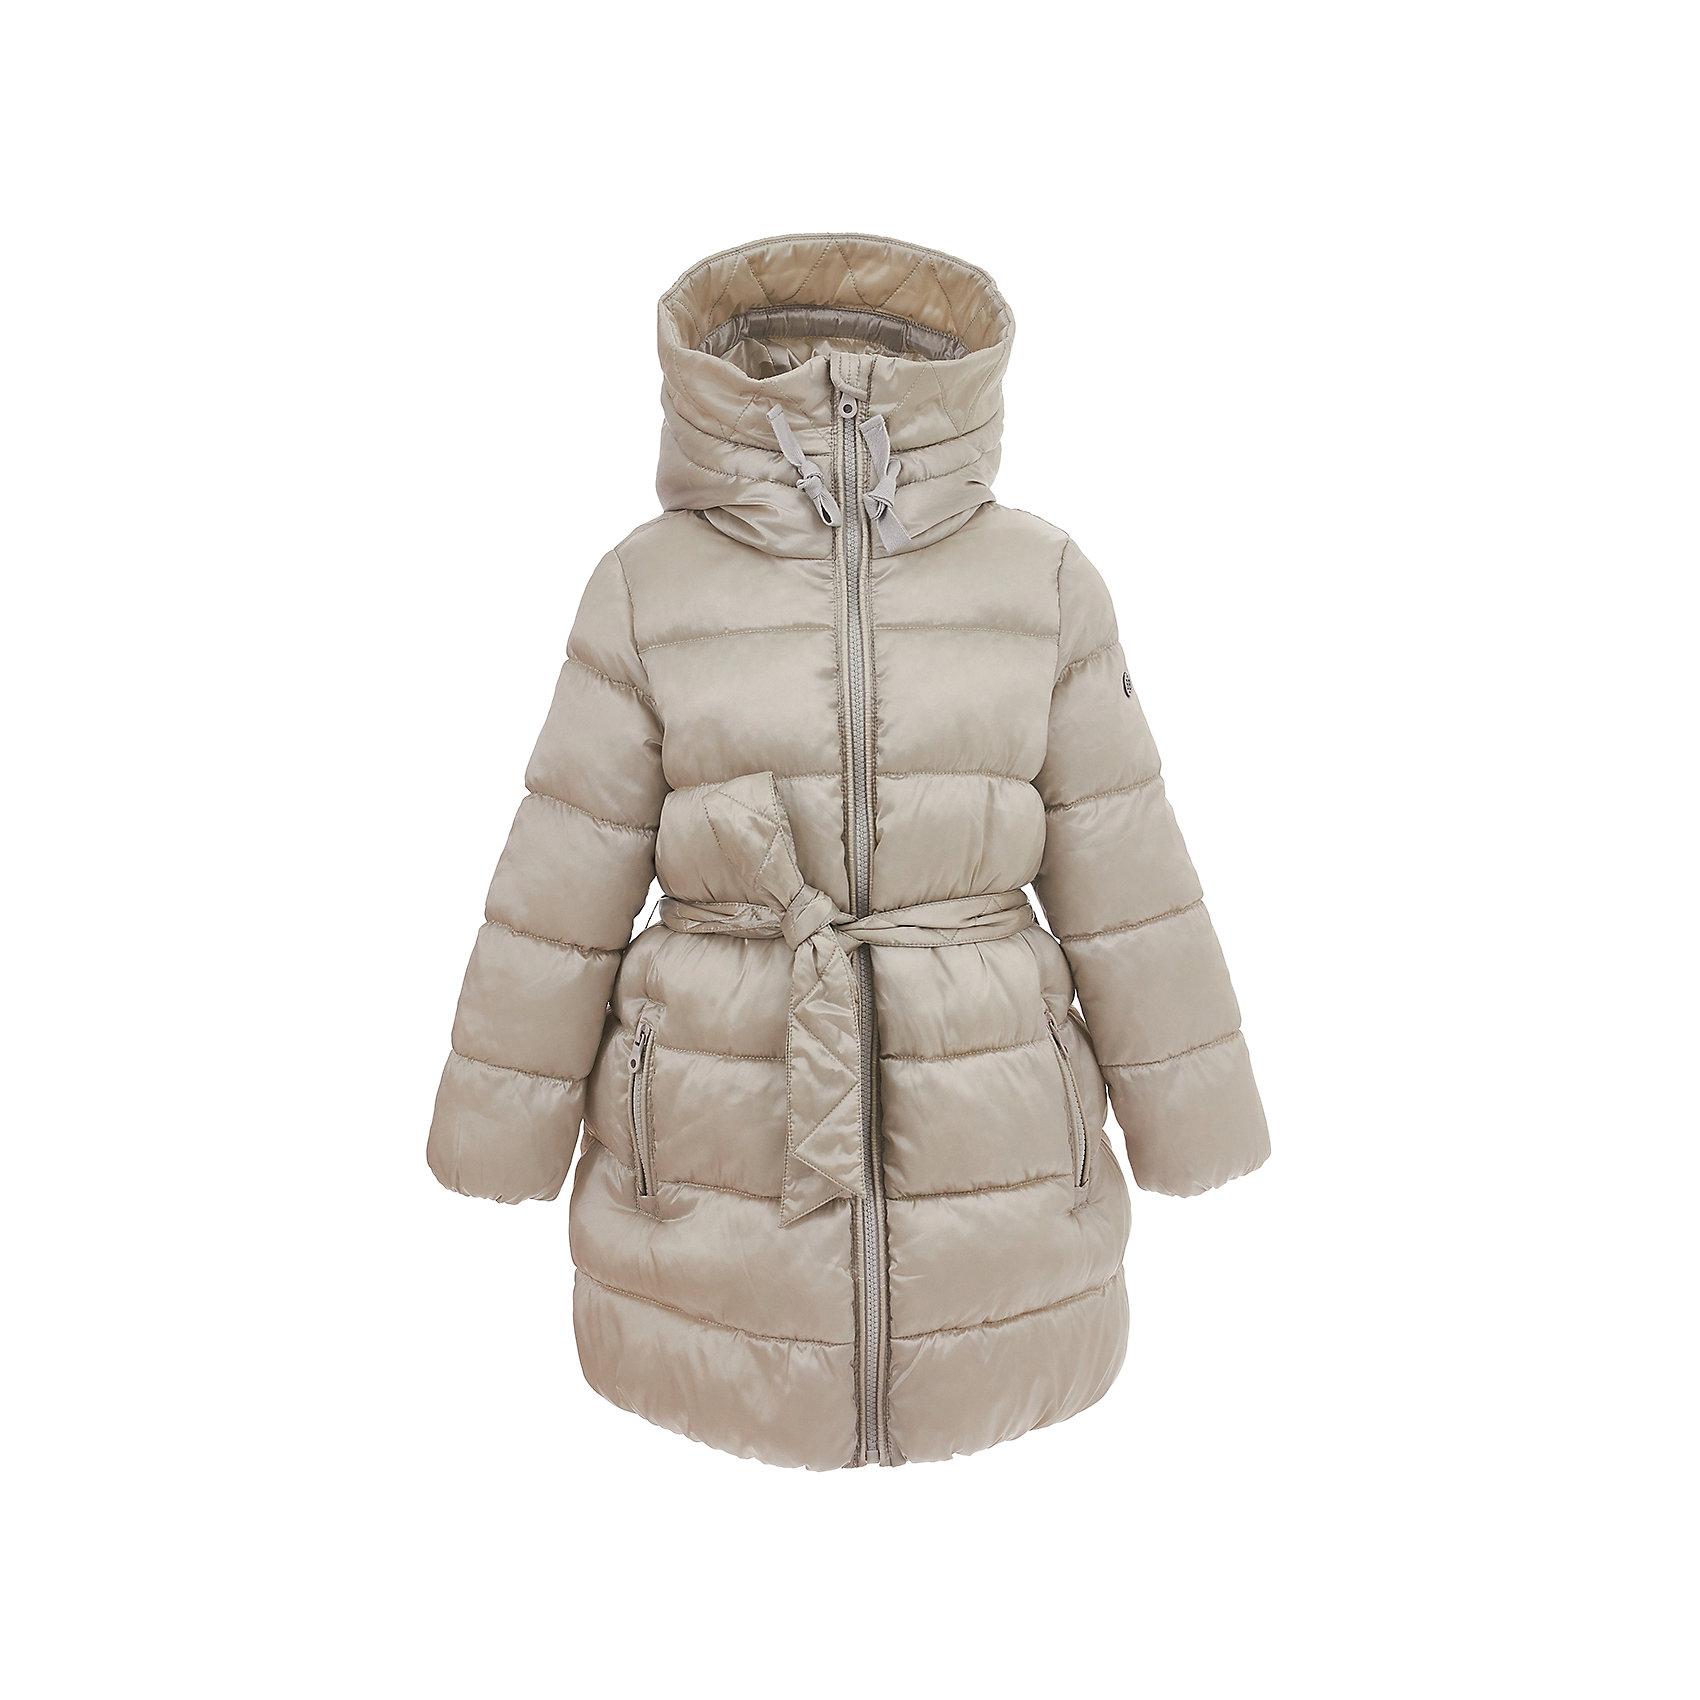 Полупальто BUTTON BLUE для девочкиВерхняя одежда<br>Полупальто BUTTON BLUE для девочки<br>В преддверии осенней сырости и холодов главная задача родителей - купить детское пальто или хорошую куртку! Всех, кто хочет купить пальто недорого, часто ожидает разочарование... Но если вы формируете функциональный детский гардероб от Button Blue, вам это не грозит! Прекрасное демисезонное пальто для девочки от Button Blue - залог хорошего настроения в холодный осенний день! Лаконичный дизайн, модный цвет, комфортная форма, оптимальная длина делают пальто стильным, привлекательным и удобным в повседневной носке.<br>Состав:<br>тк. верха:   55%полиэстер 45% нейлон,  Подкладка: 100% хлопок/100% полиэстер                                                           Утеплитель: 100% полиэстер( fake down )<br><br>Ширина мм: 356<br>Глубина мм: 10<br>Высота мм: 245<br>Вес г: 519<br>Цвет: серый<br>Возраст от месяцев: 144<br>Возраст до месяцев: 156<br>Пол: Женский<br>Возраст: Детский<br>Размер: 158,98,104,110,116,122,128,134,140,146,152<br>SKU: 7037909